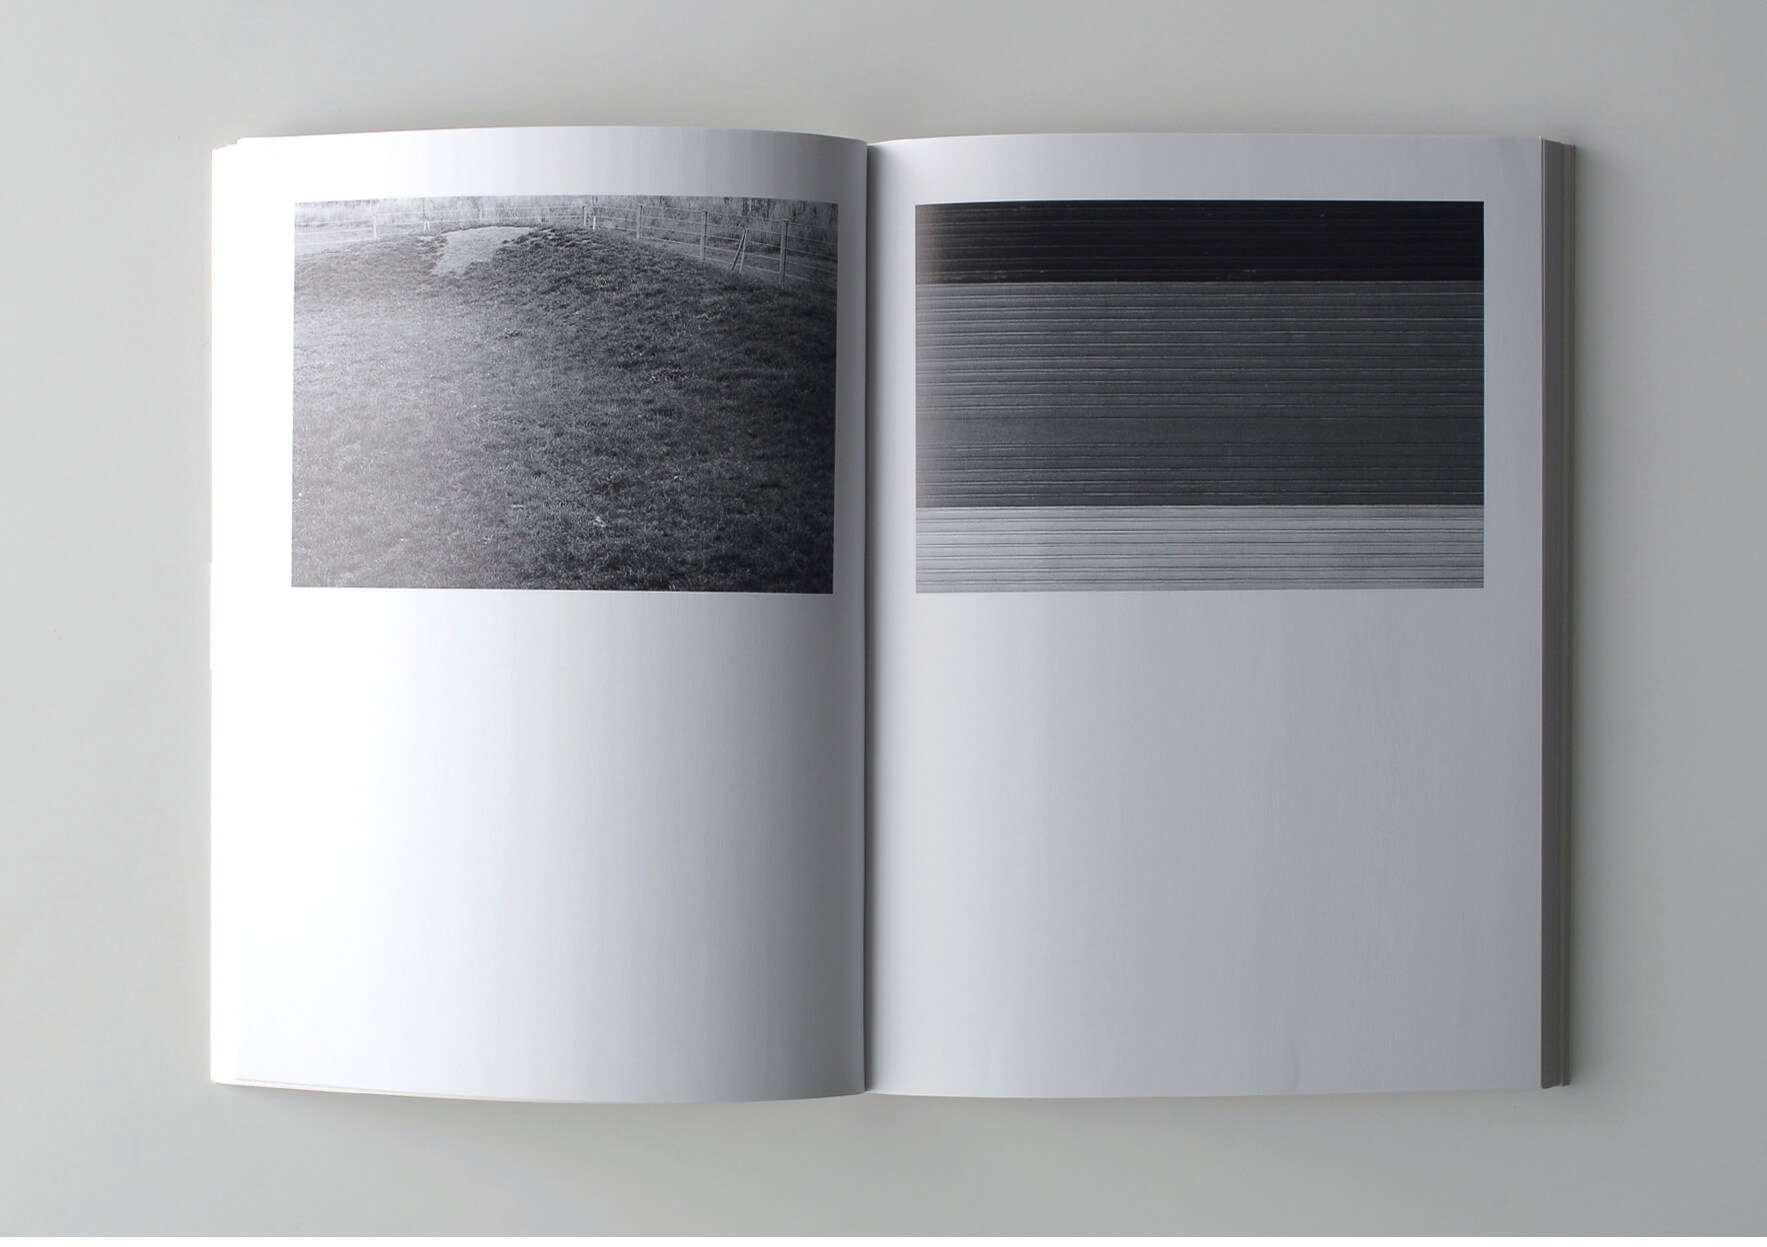 | Archiv Peter Piller: Materialien (B) Peripheriewanderung Bonn | ProjecteSD